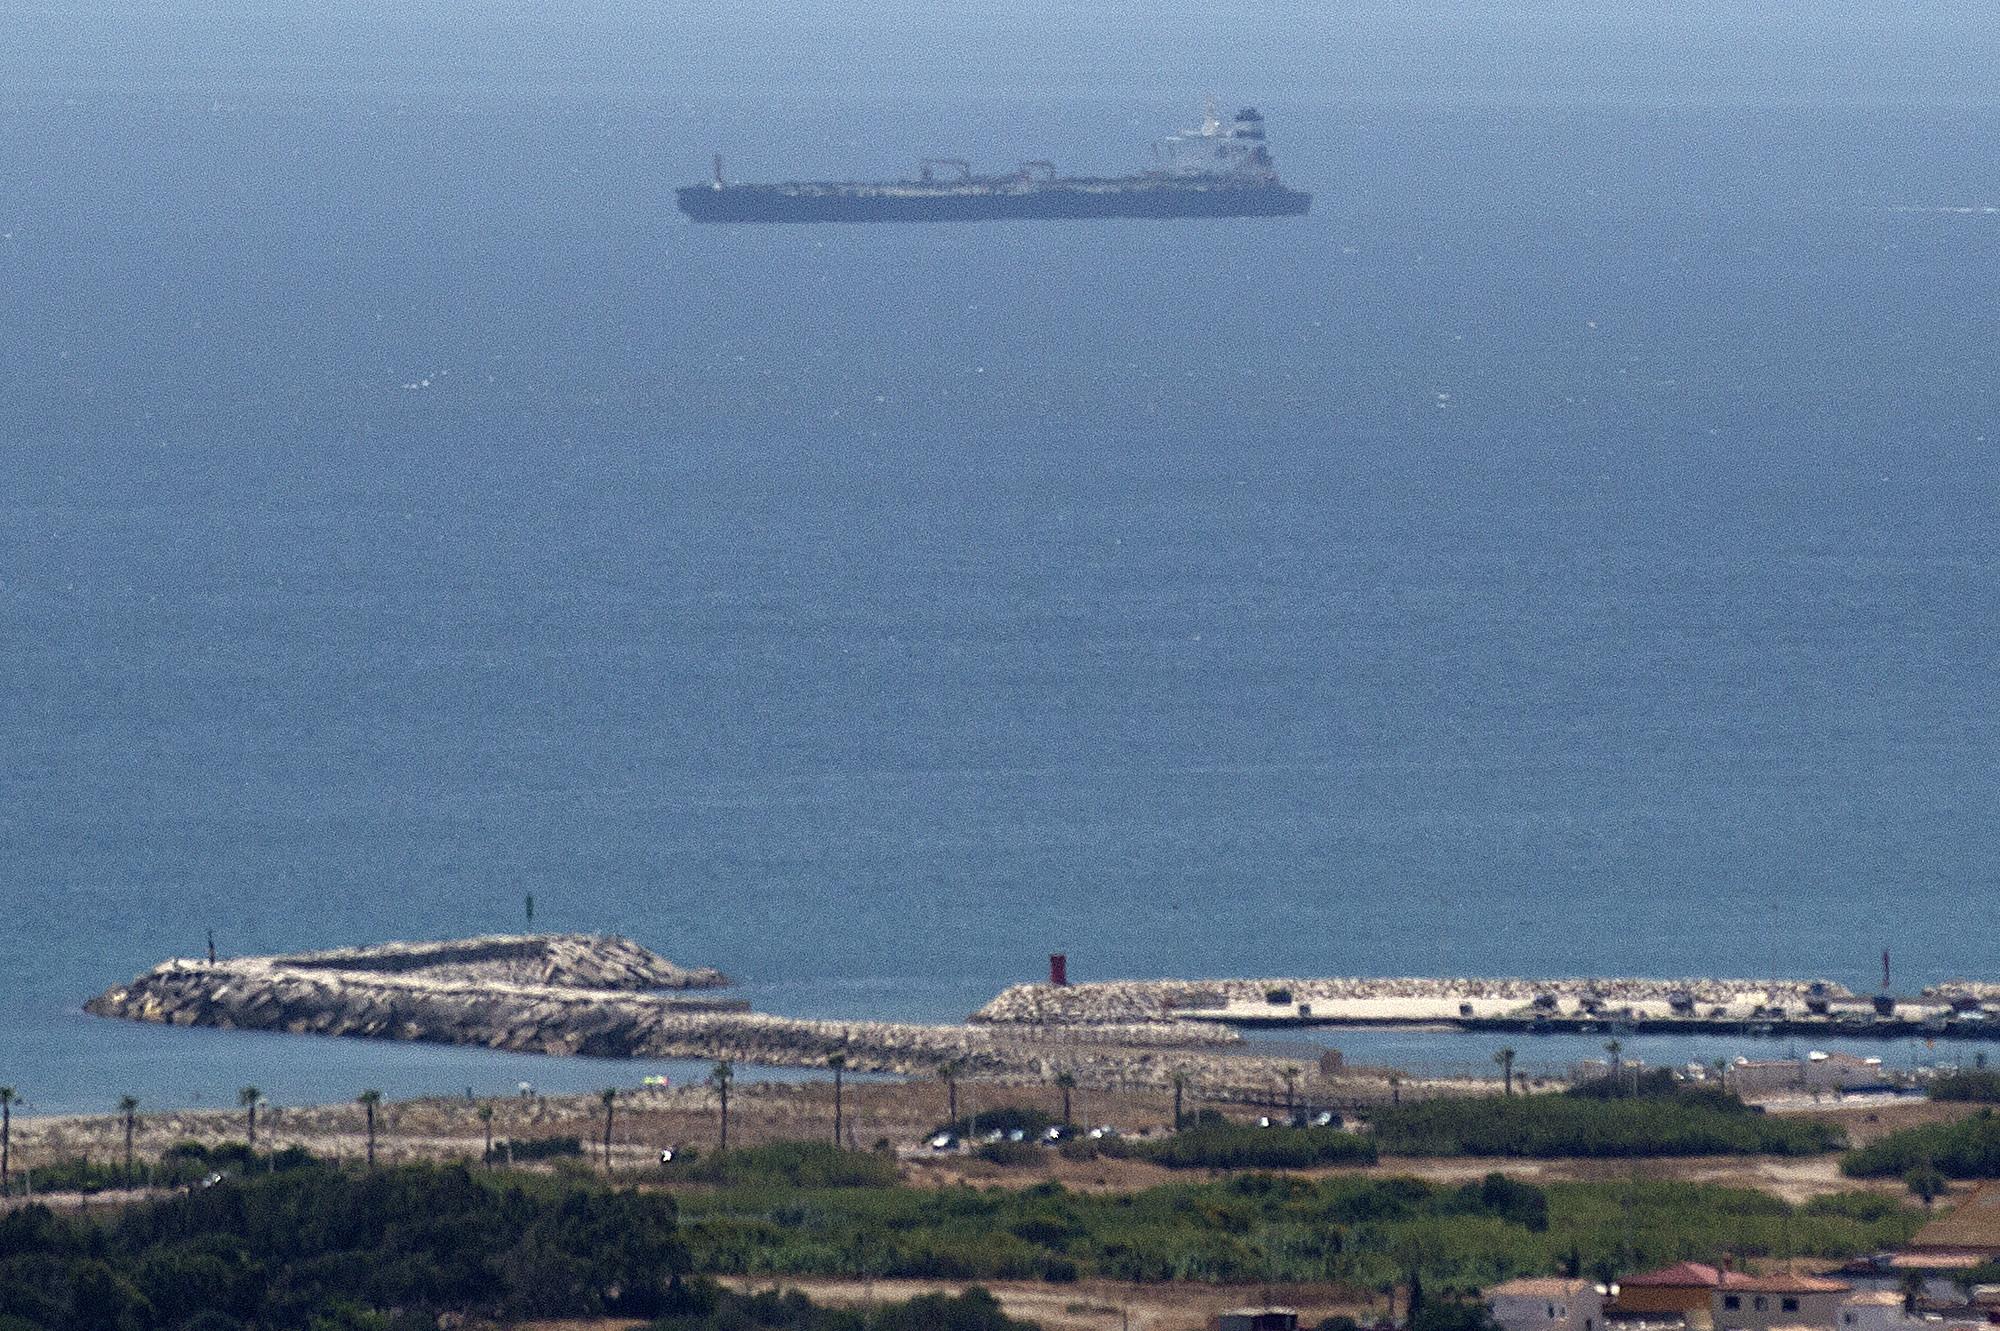 涉嫌違反歐盟制裁 一超級油輪被扣直布羅陀